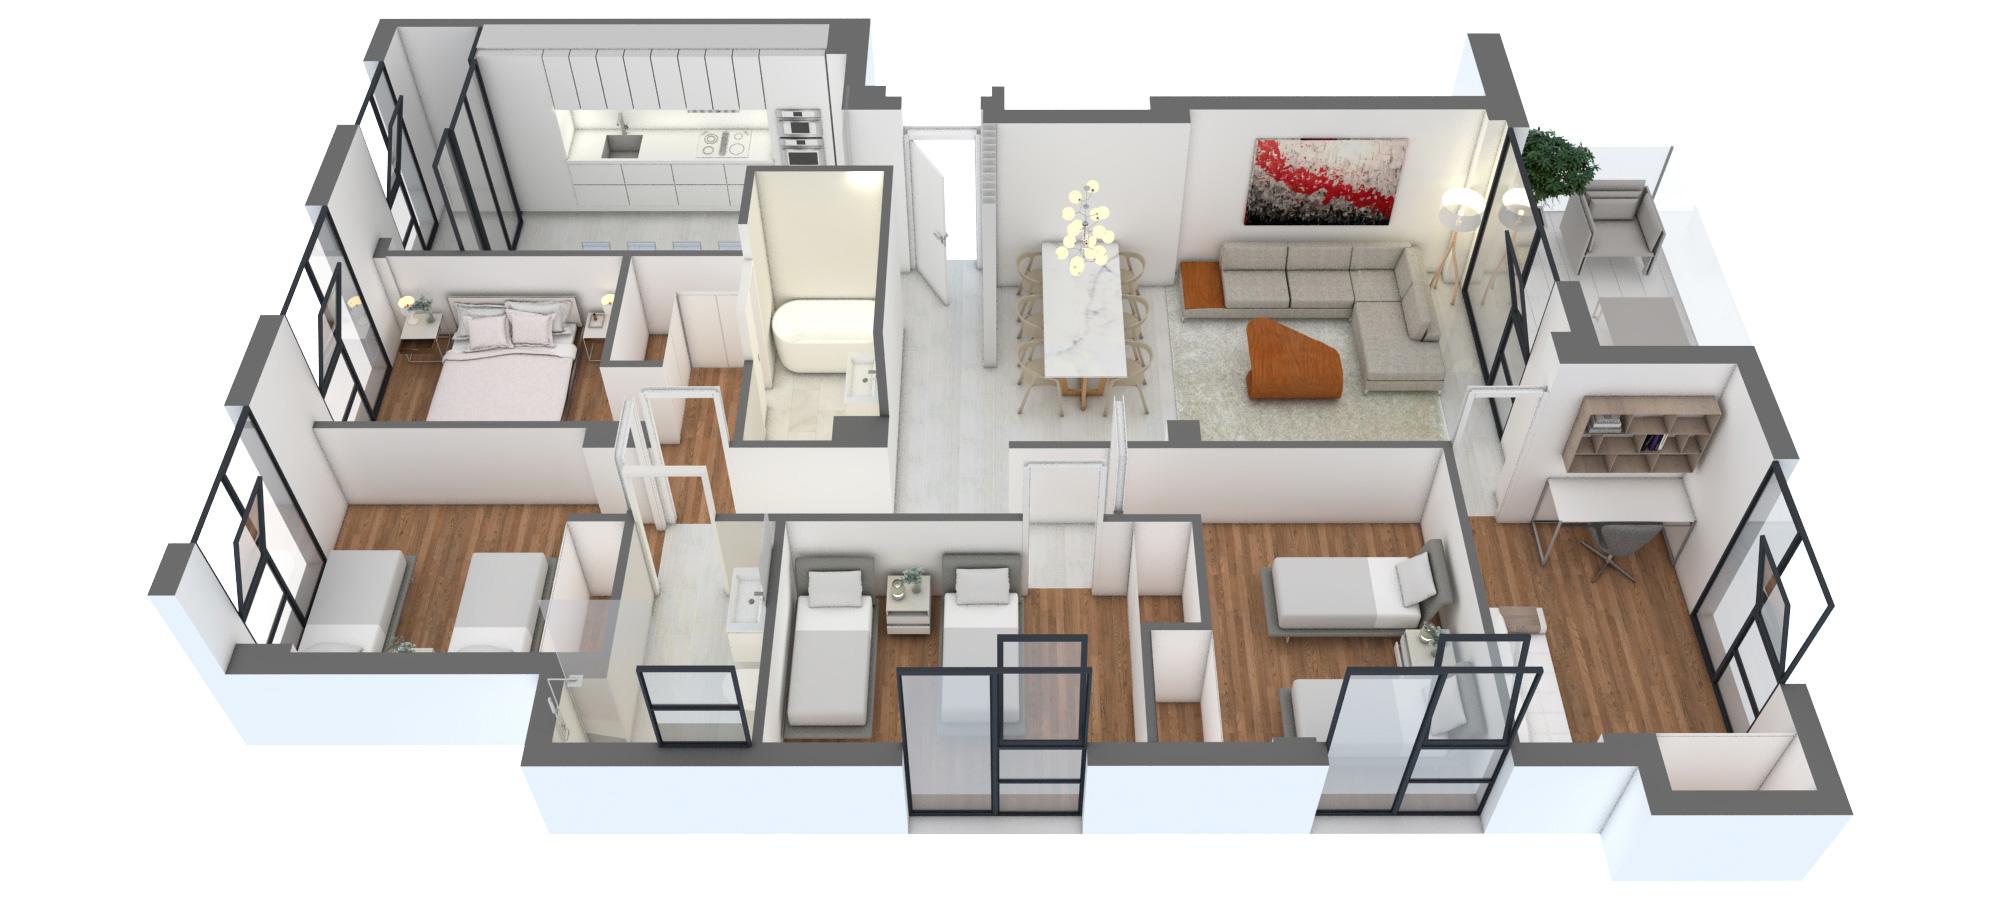 Edificio Puerta-de-Valencia-Vivienda-4-dormitorios